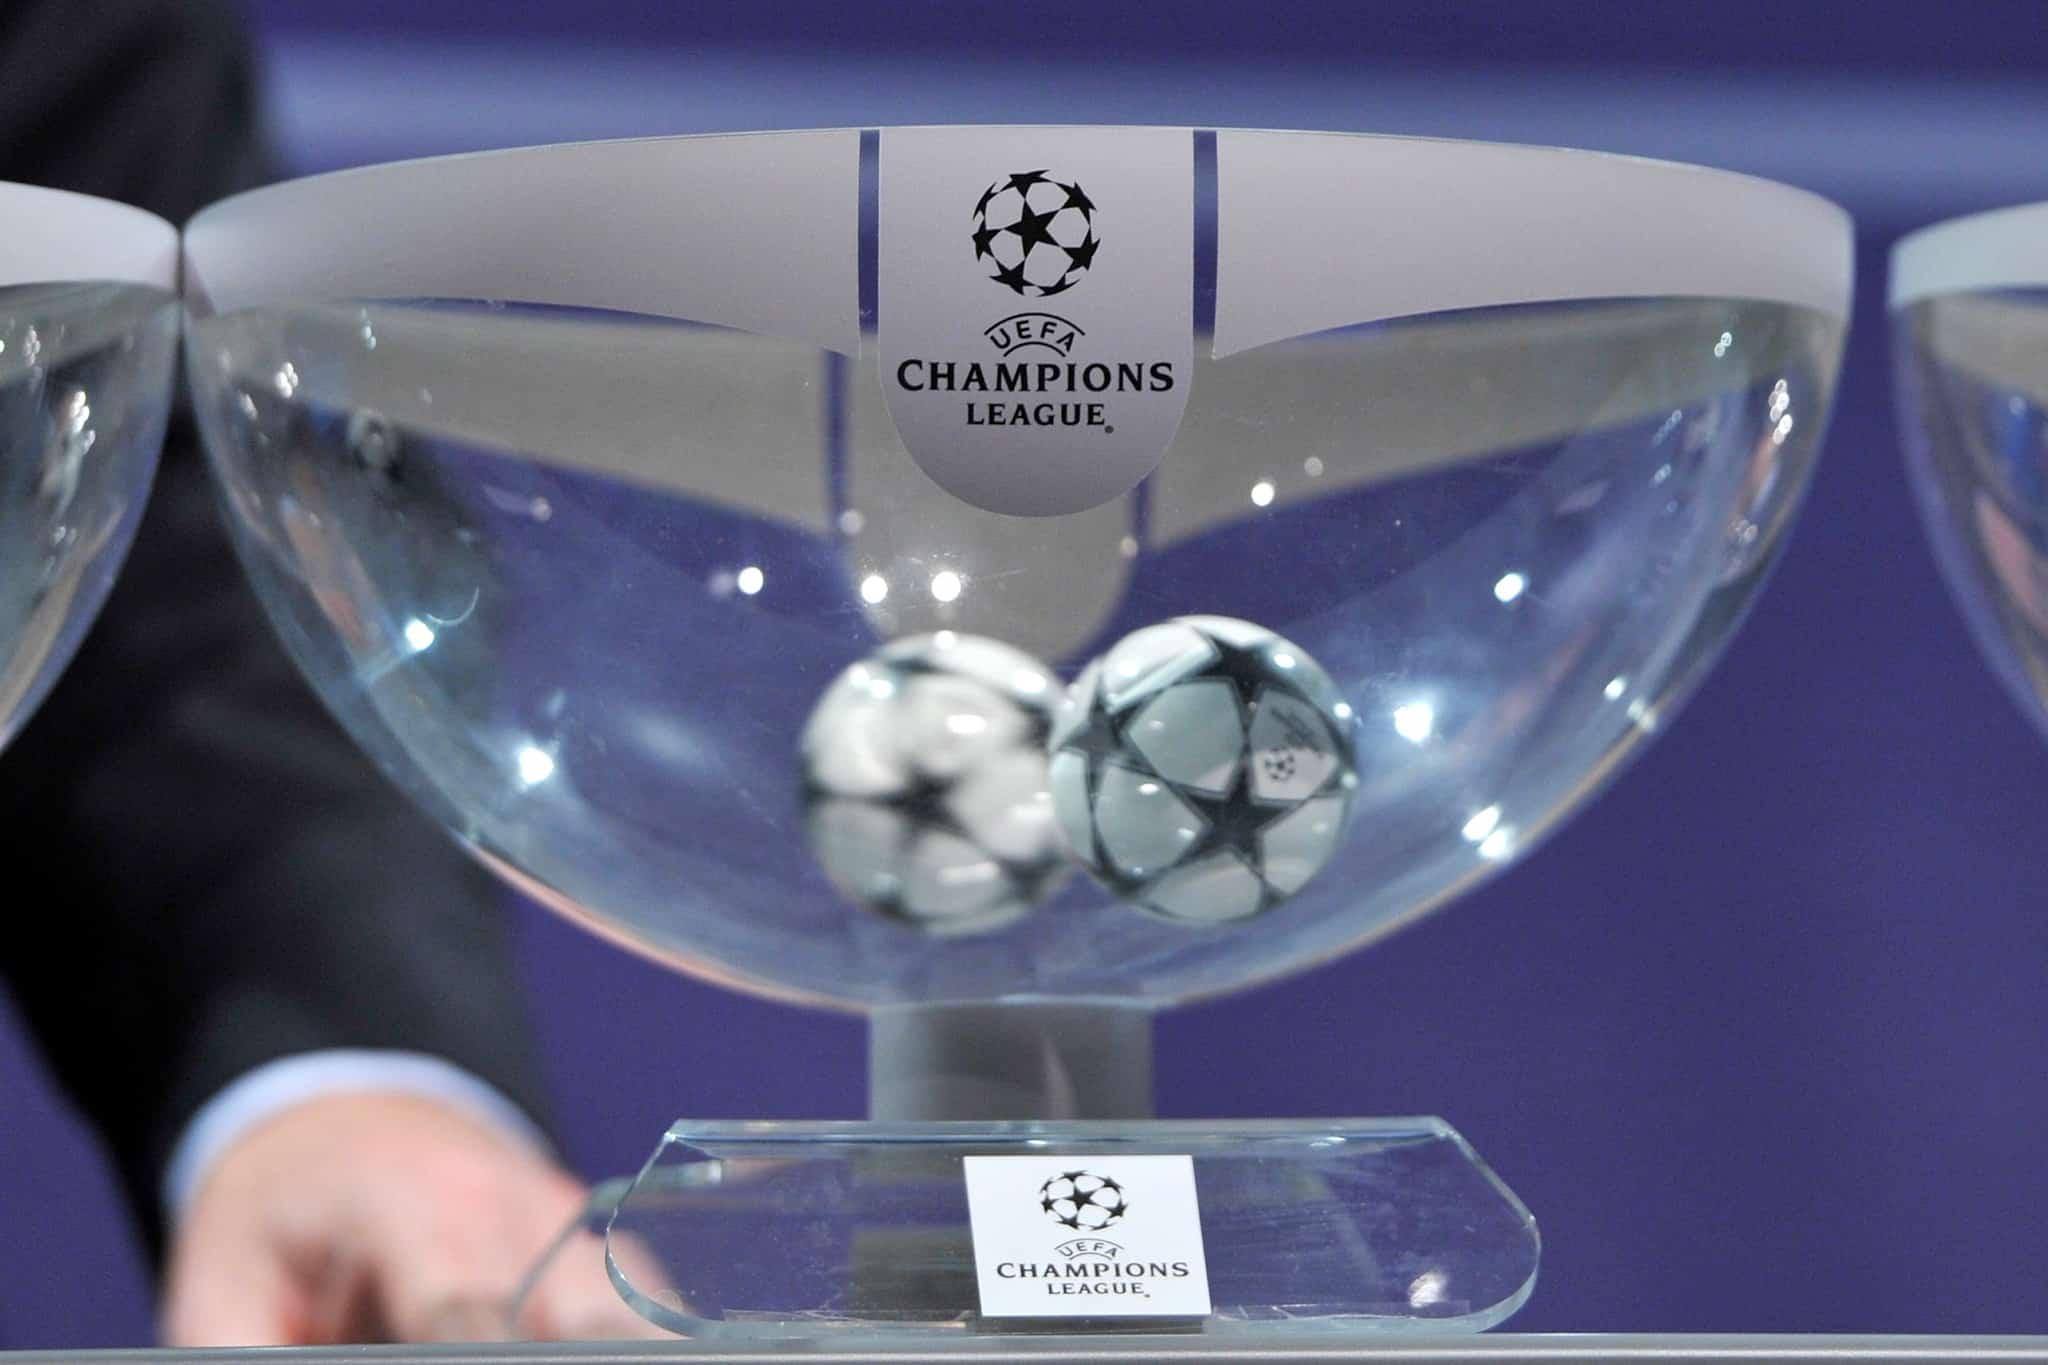 Grupele UEFA Champions League